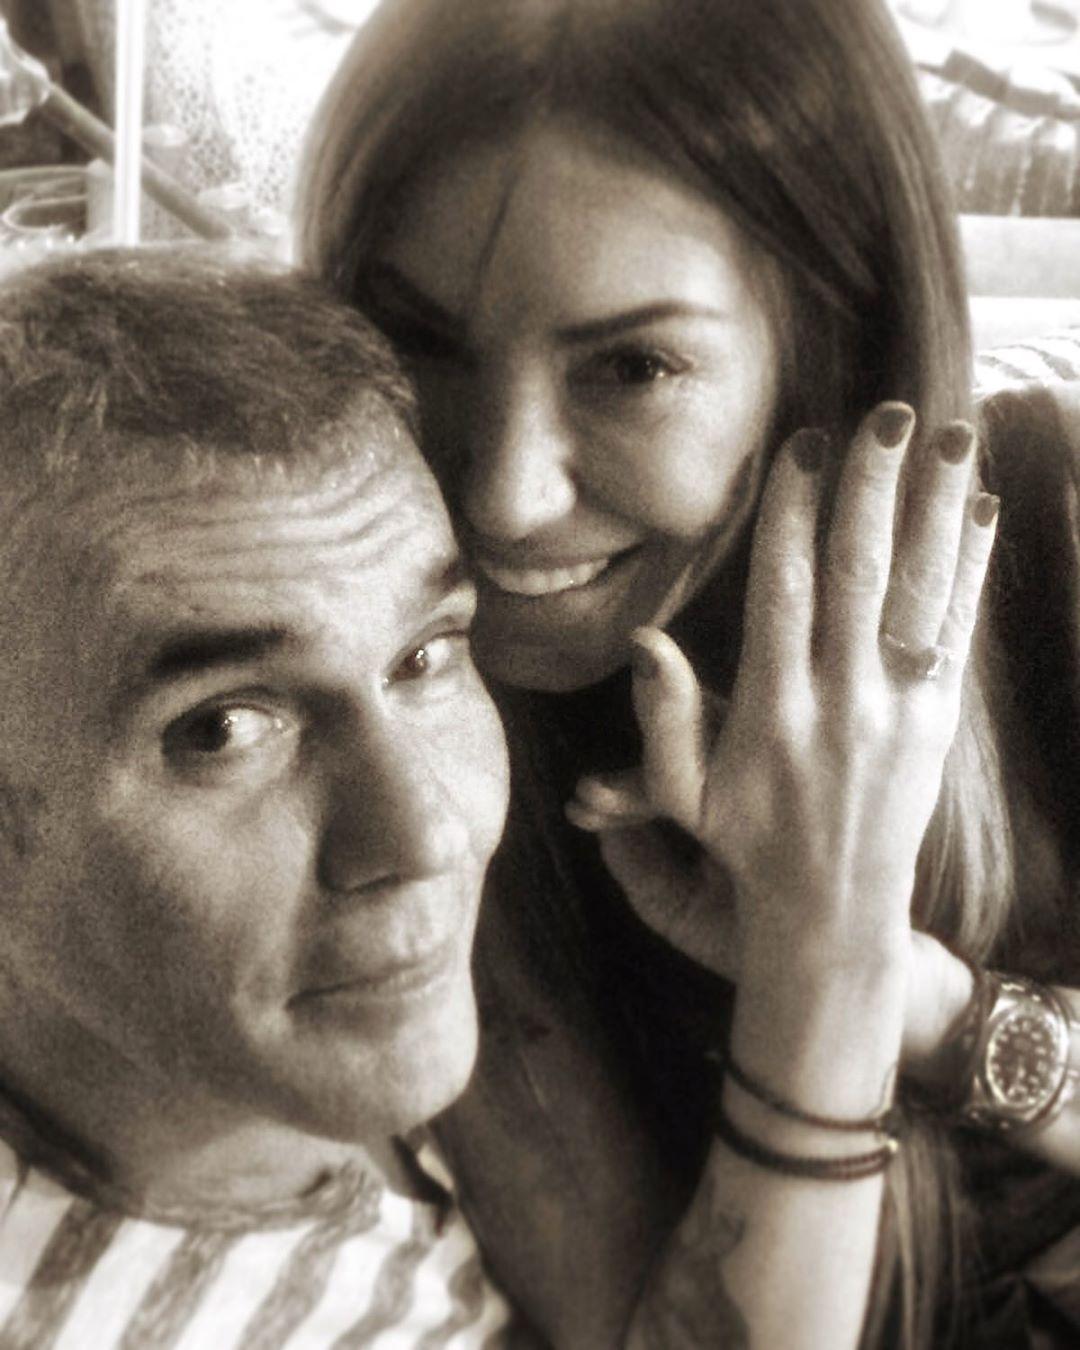 Στέλιος Ρόκκος: Η σύζυγός του γιορτάζει την επέτειό τους με μια σπάνια φωτογραφία από το γάμο τους!